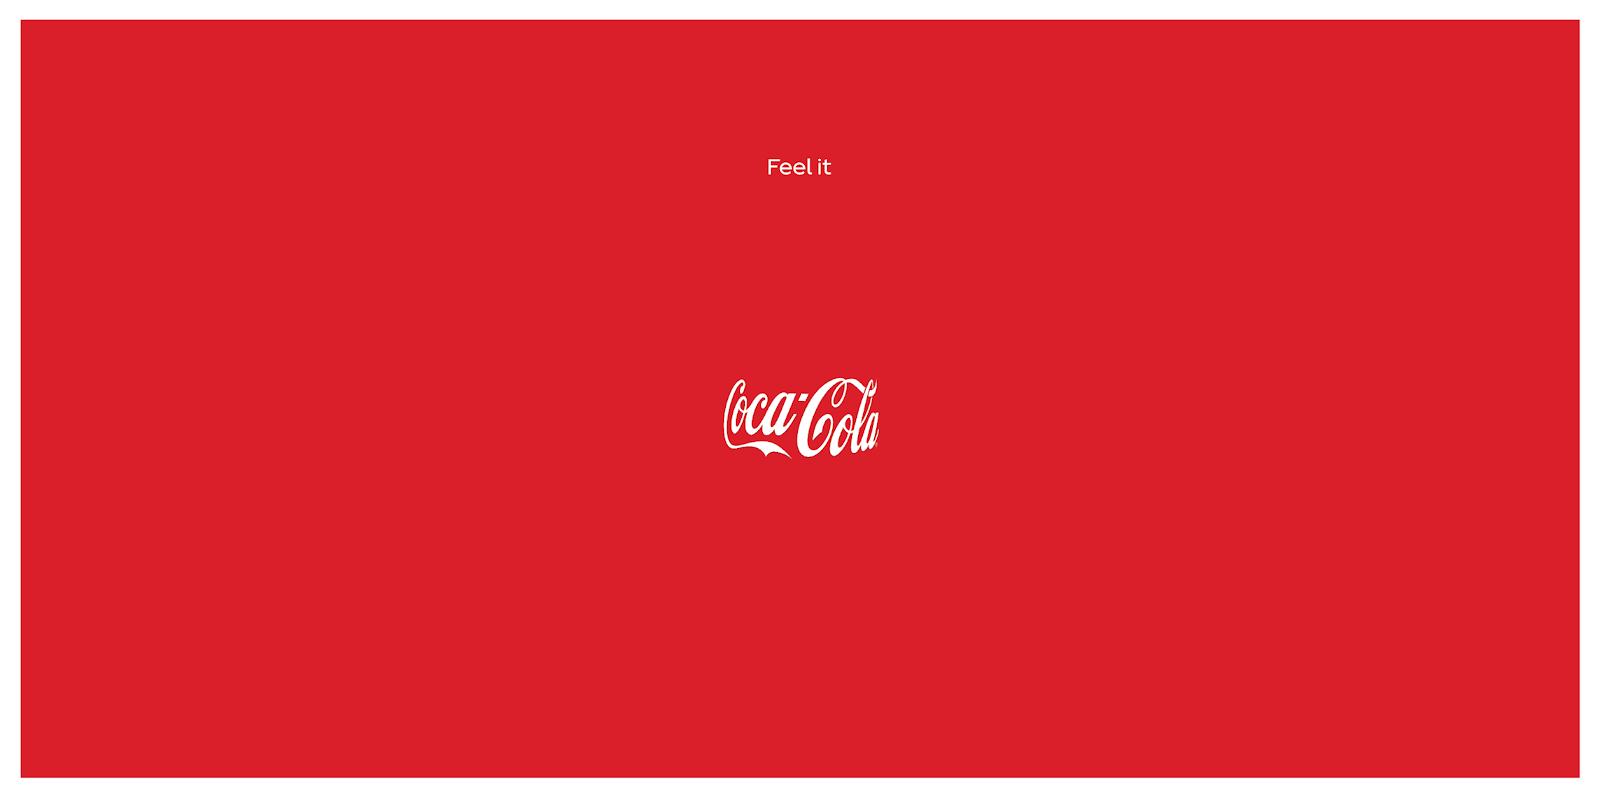 Epoha Portal Kolumna Coca Cola Feel It